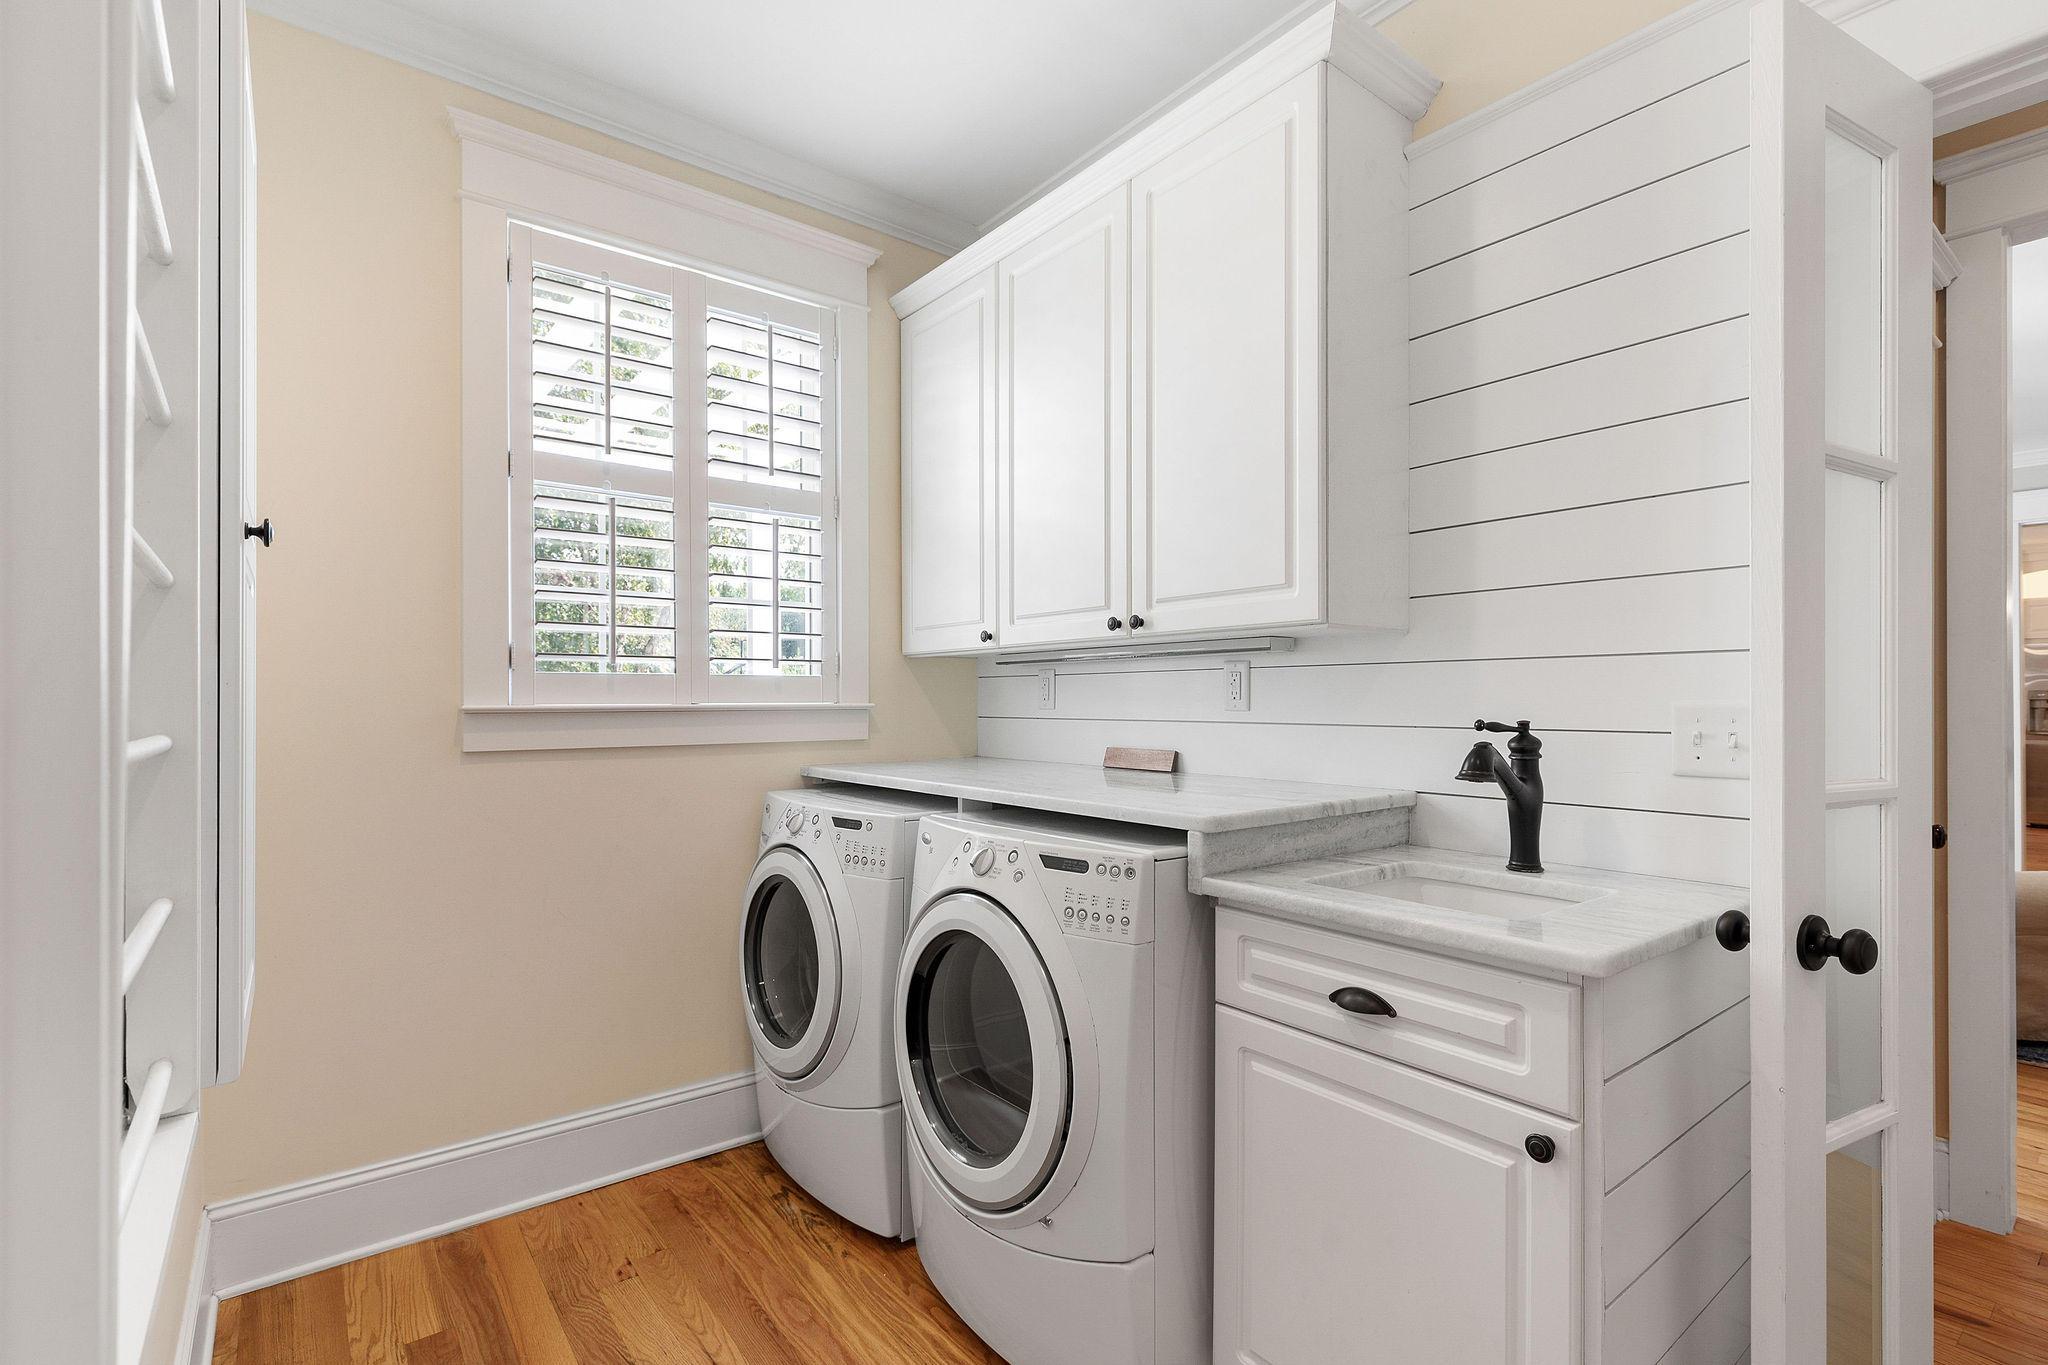 Dunes West Homes For Sale - 3201 Cottonfield, Mount Pleasant, SC - 6